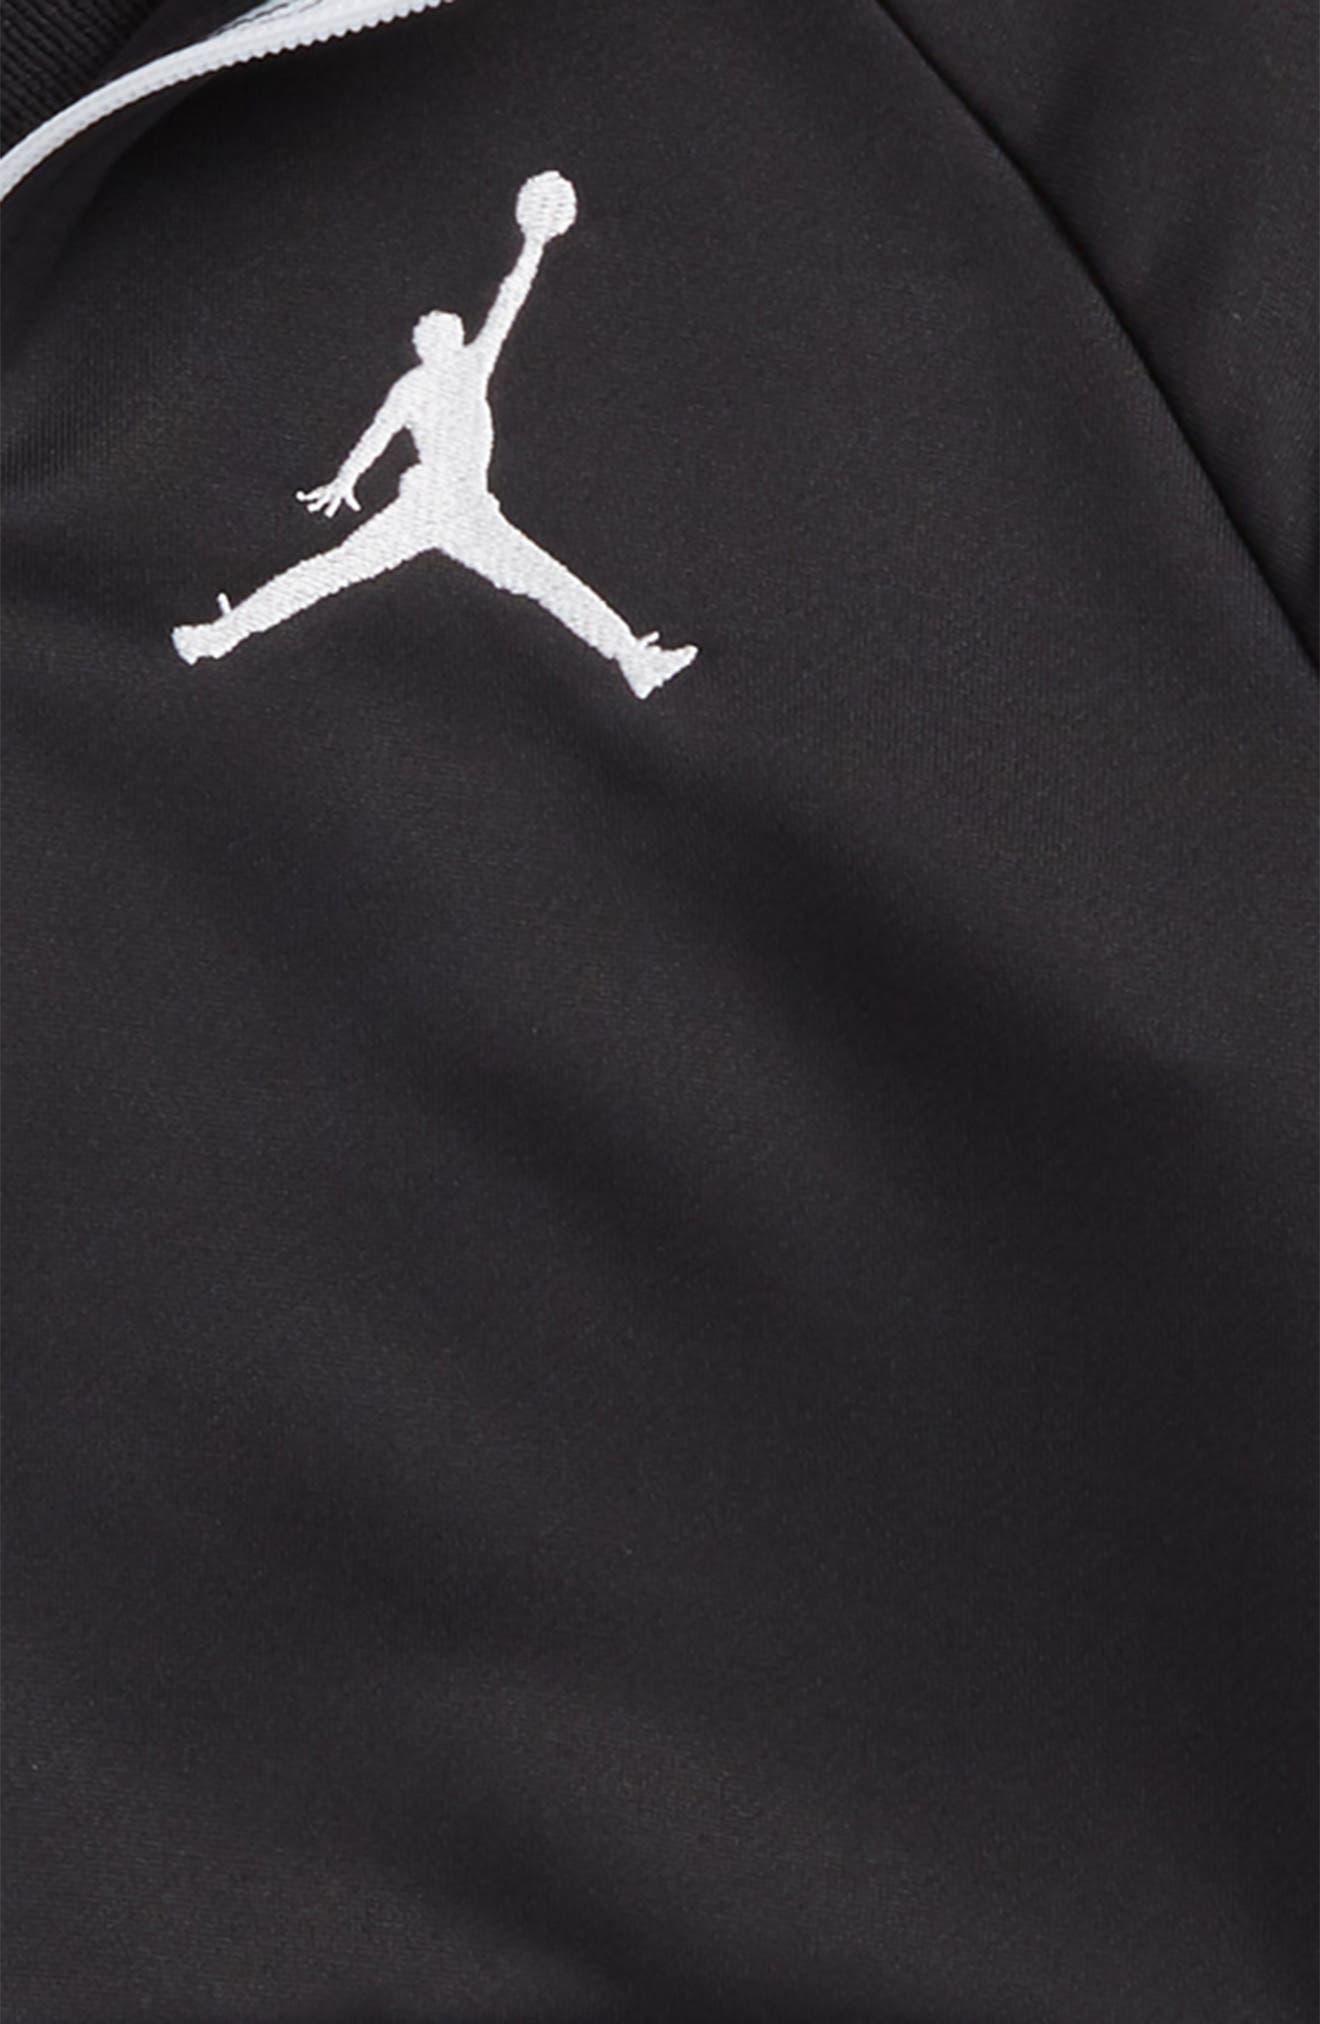 Jordan AJ 90s Tricot Jacket,                             Alternate thumbnail 2, color,                             Black